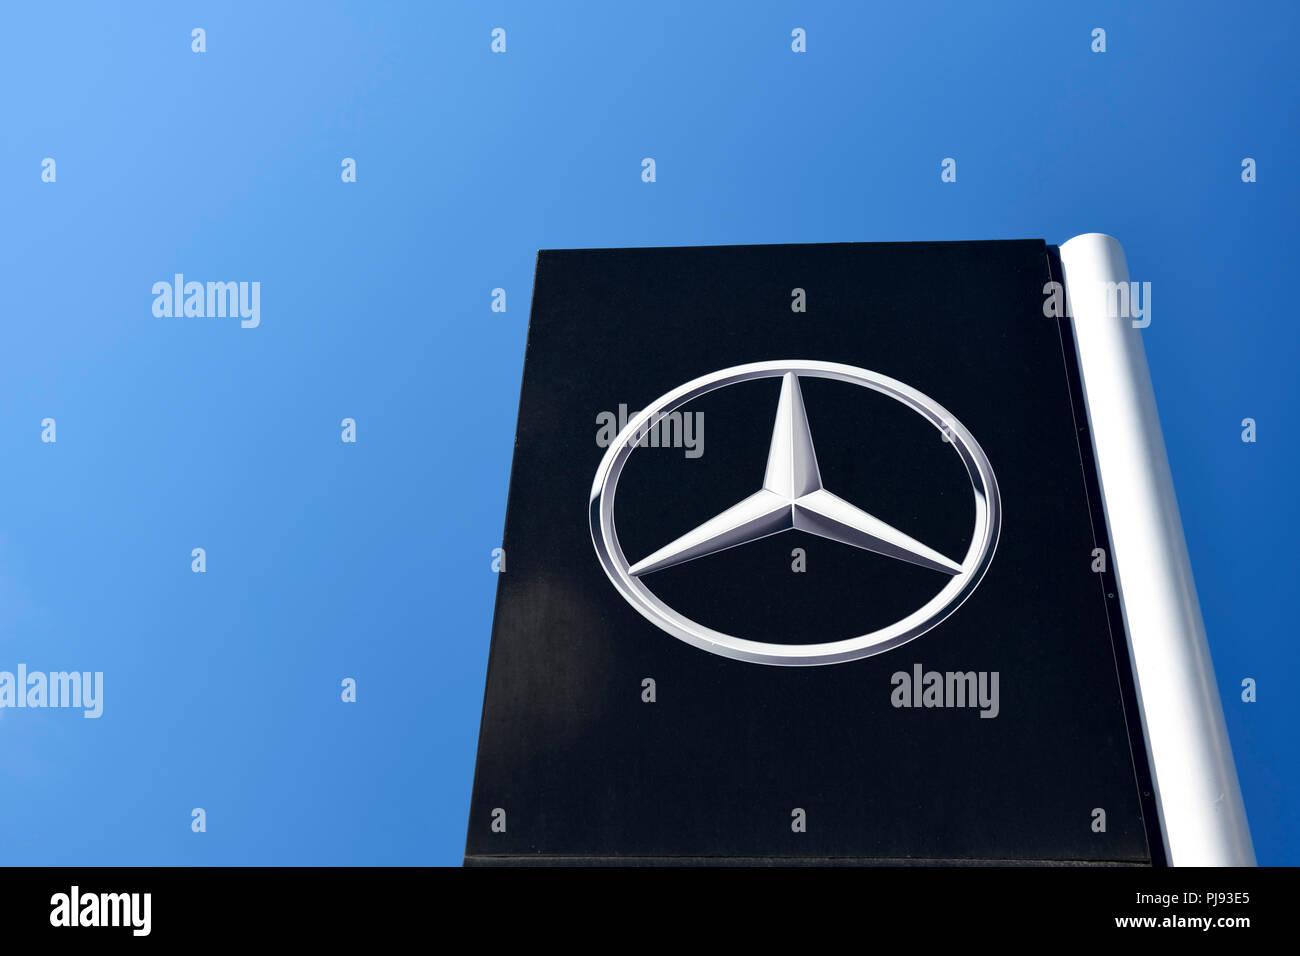 Sign of Mercedes-Benz in Hamburg, Schild von Mercedes-Benz in Hamburg - Stock Image